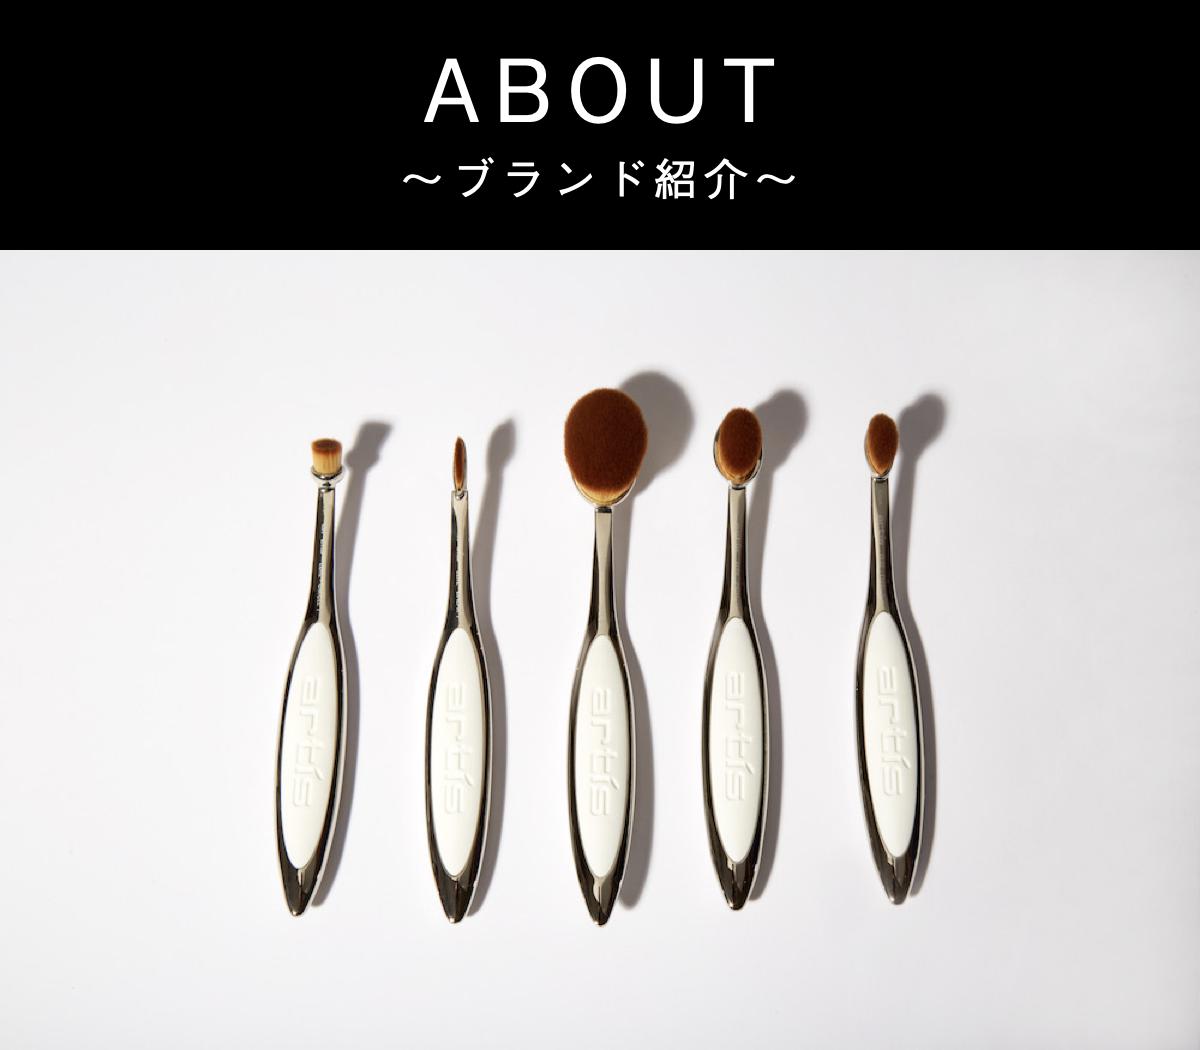 ABOUT 〜ブランド紹介〜